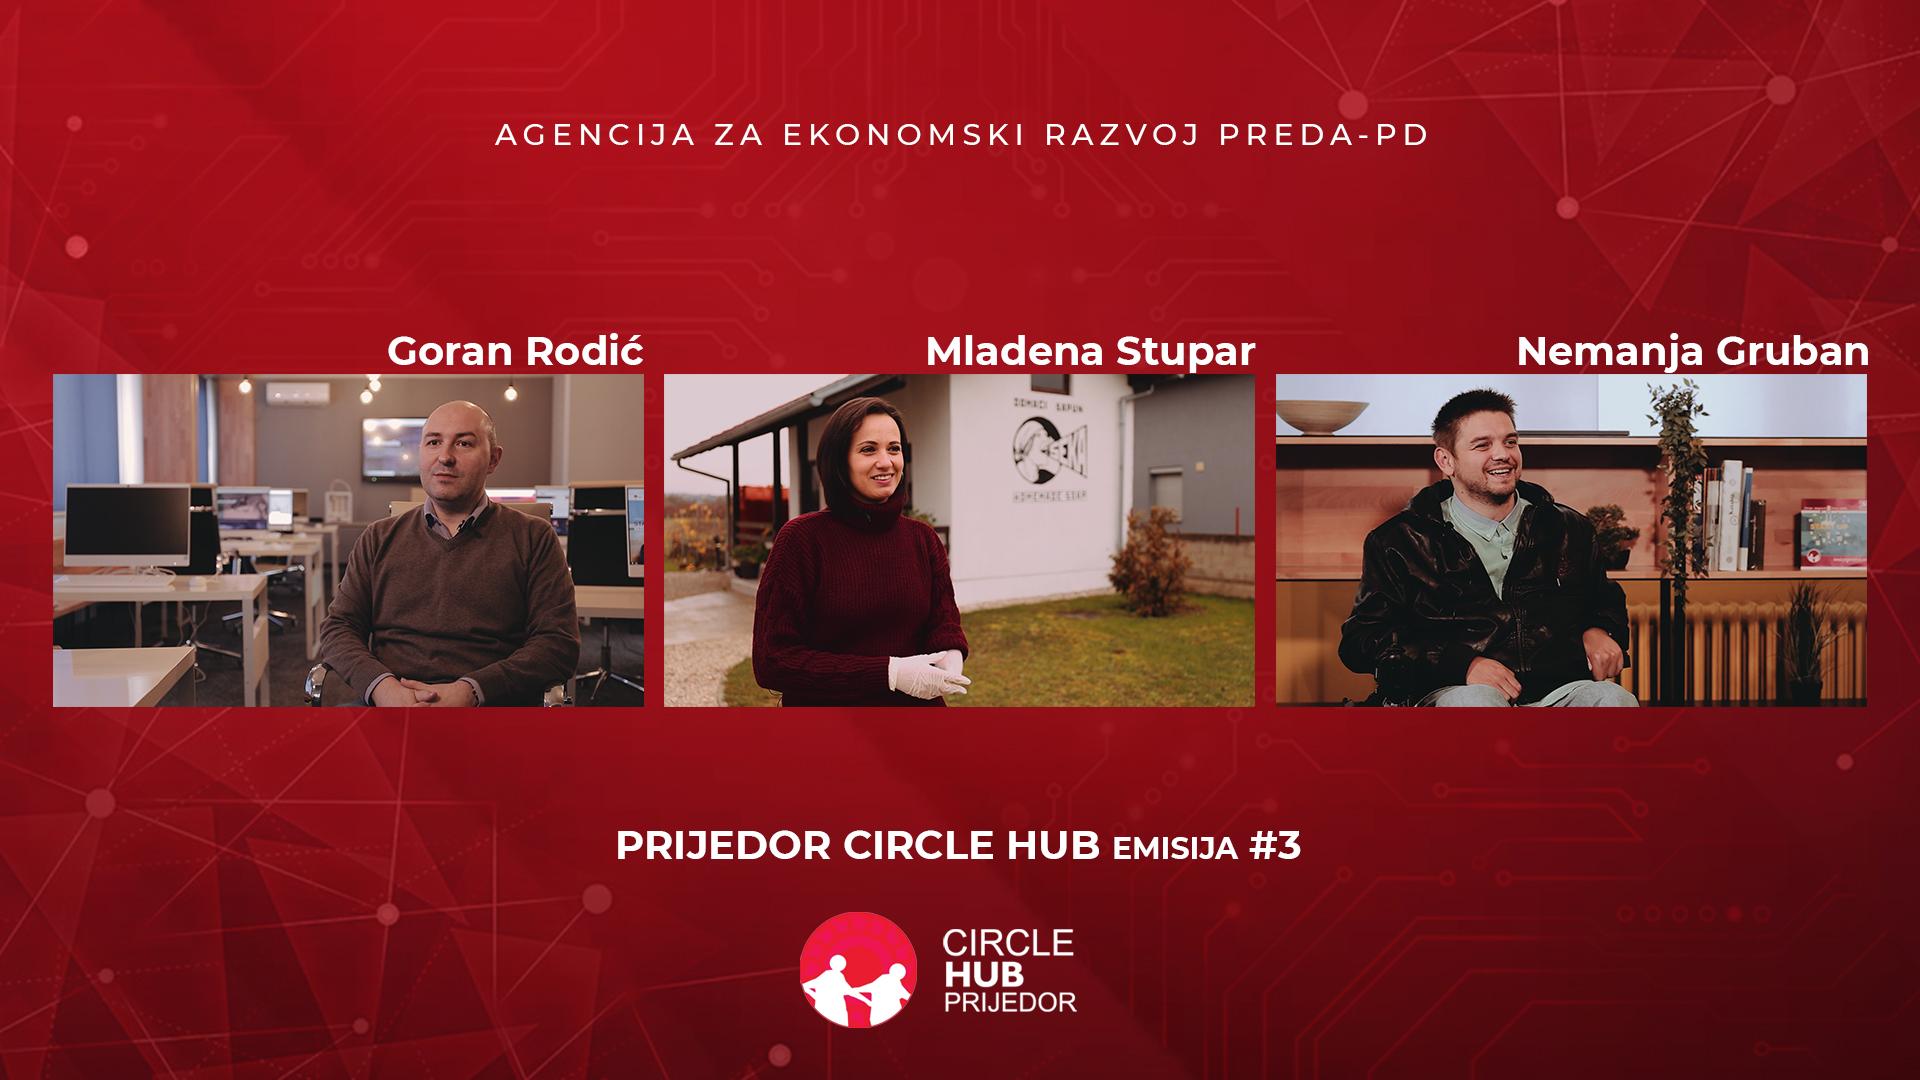 PRIJEDOR-CIRCLE-HUB-EMISIJA-3-1920X1080